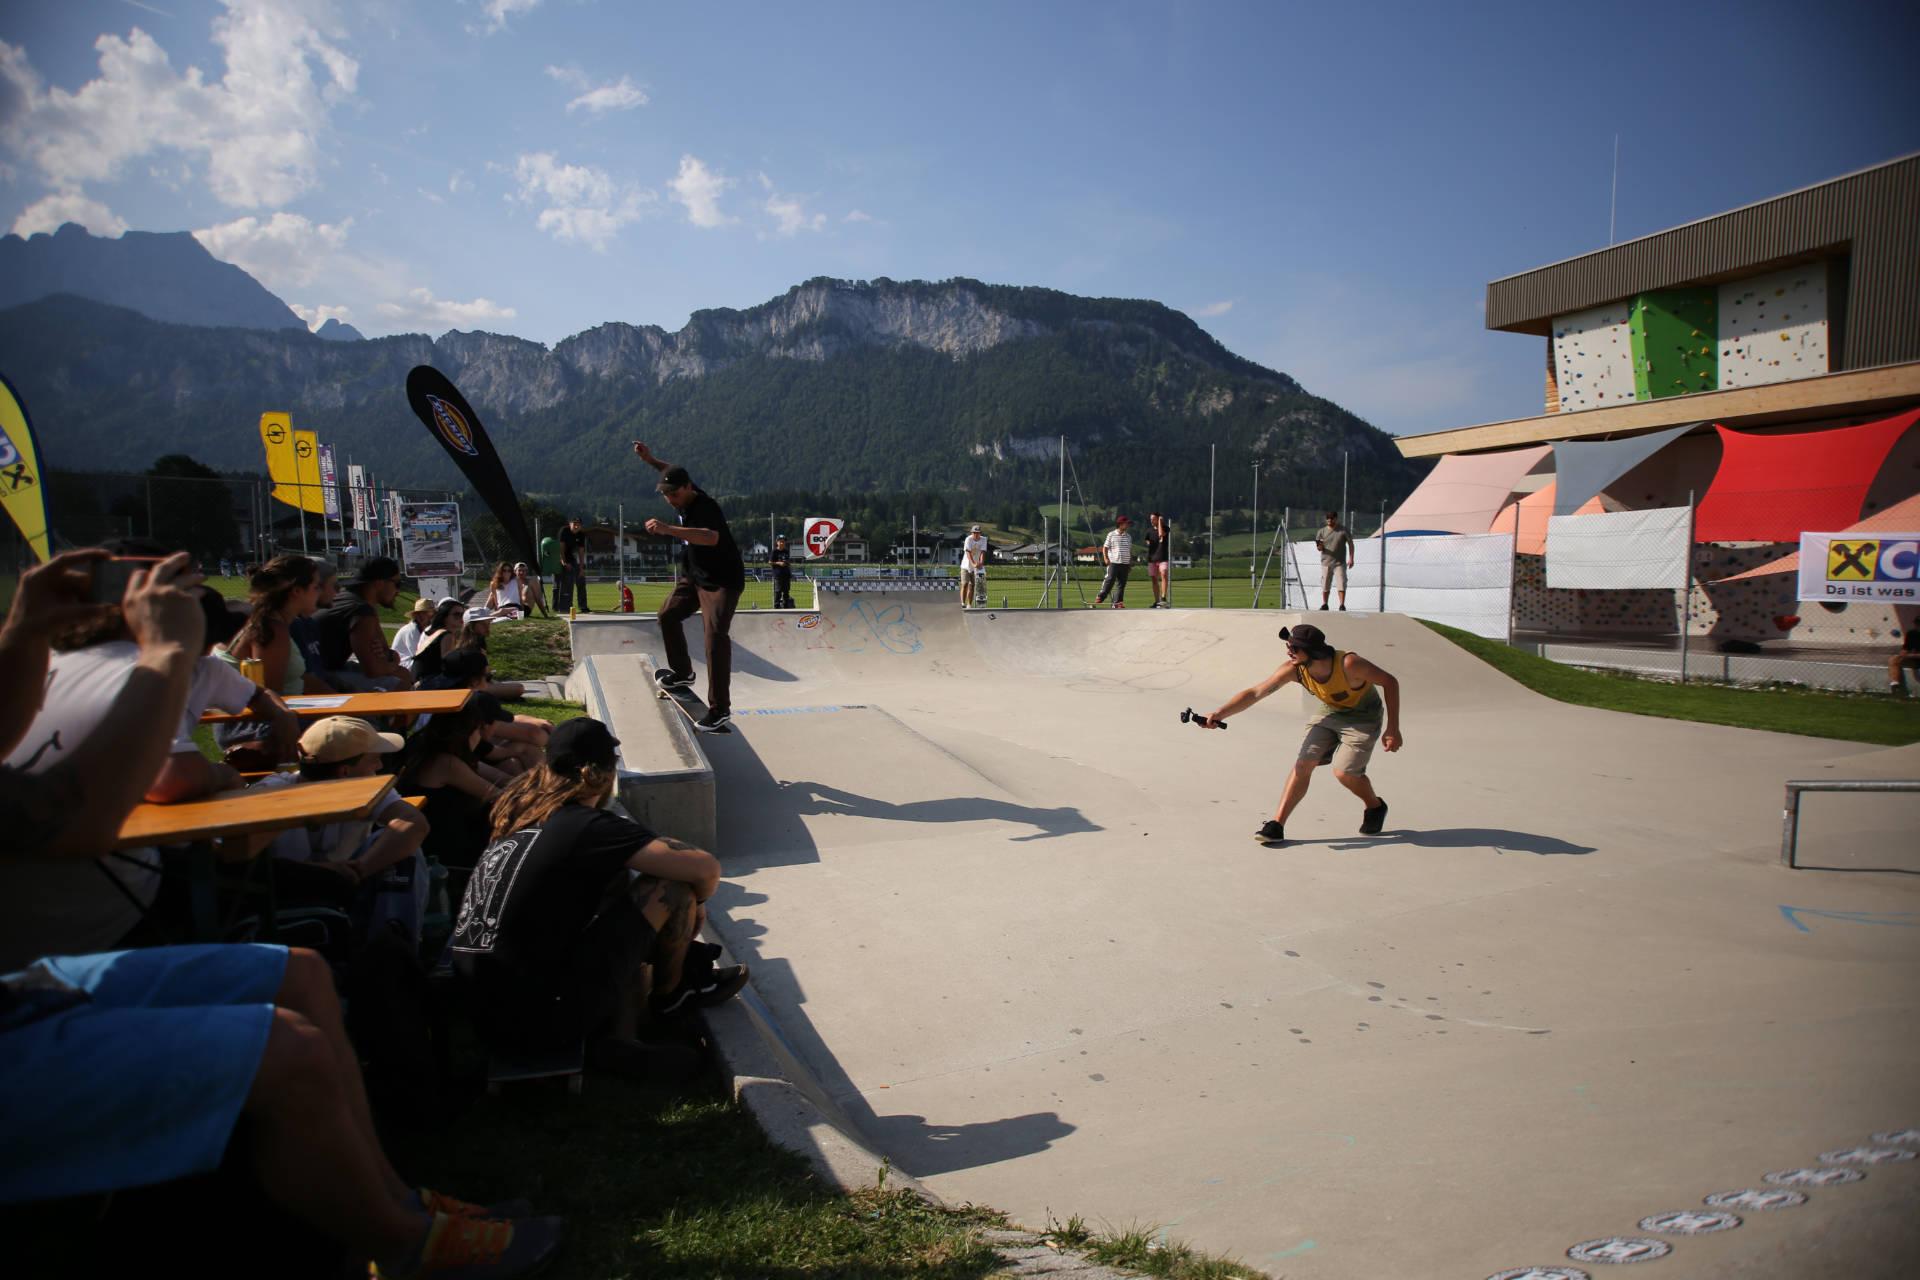 skateboardheadz st johann in tirol kgt 2019 finale 00149